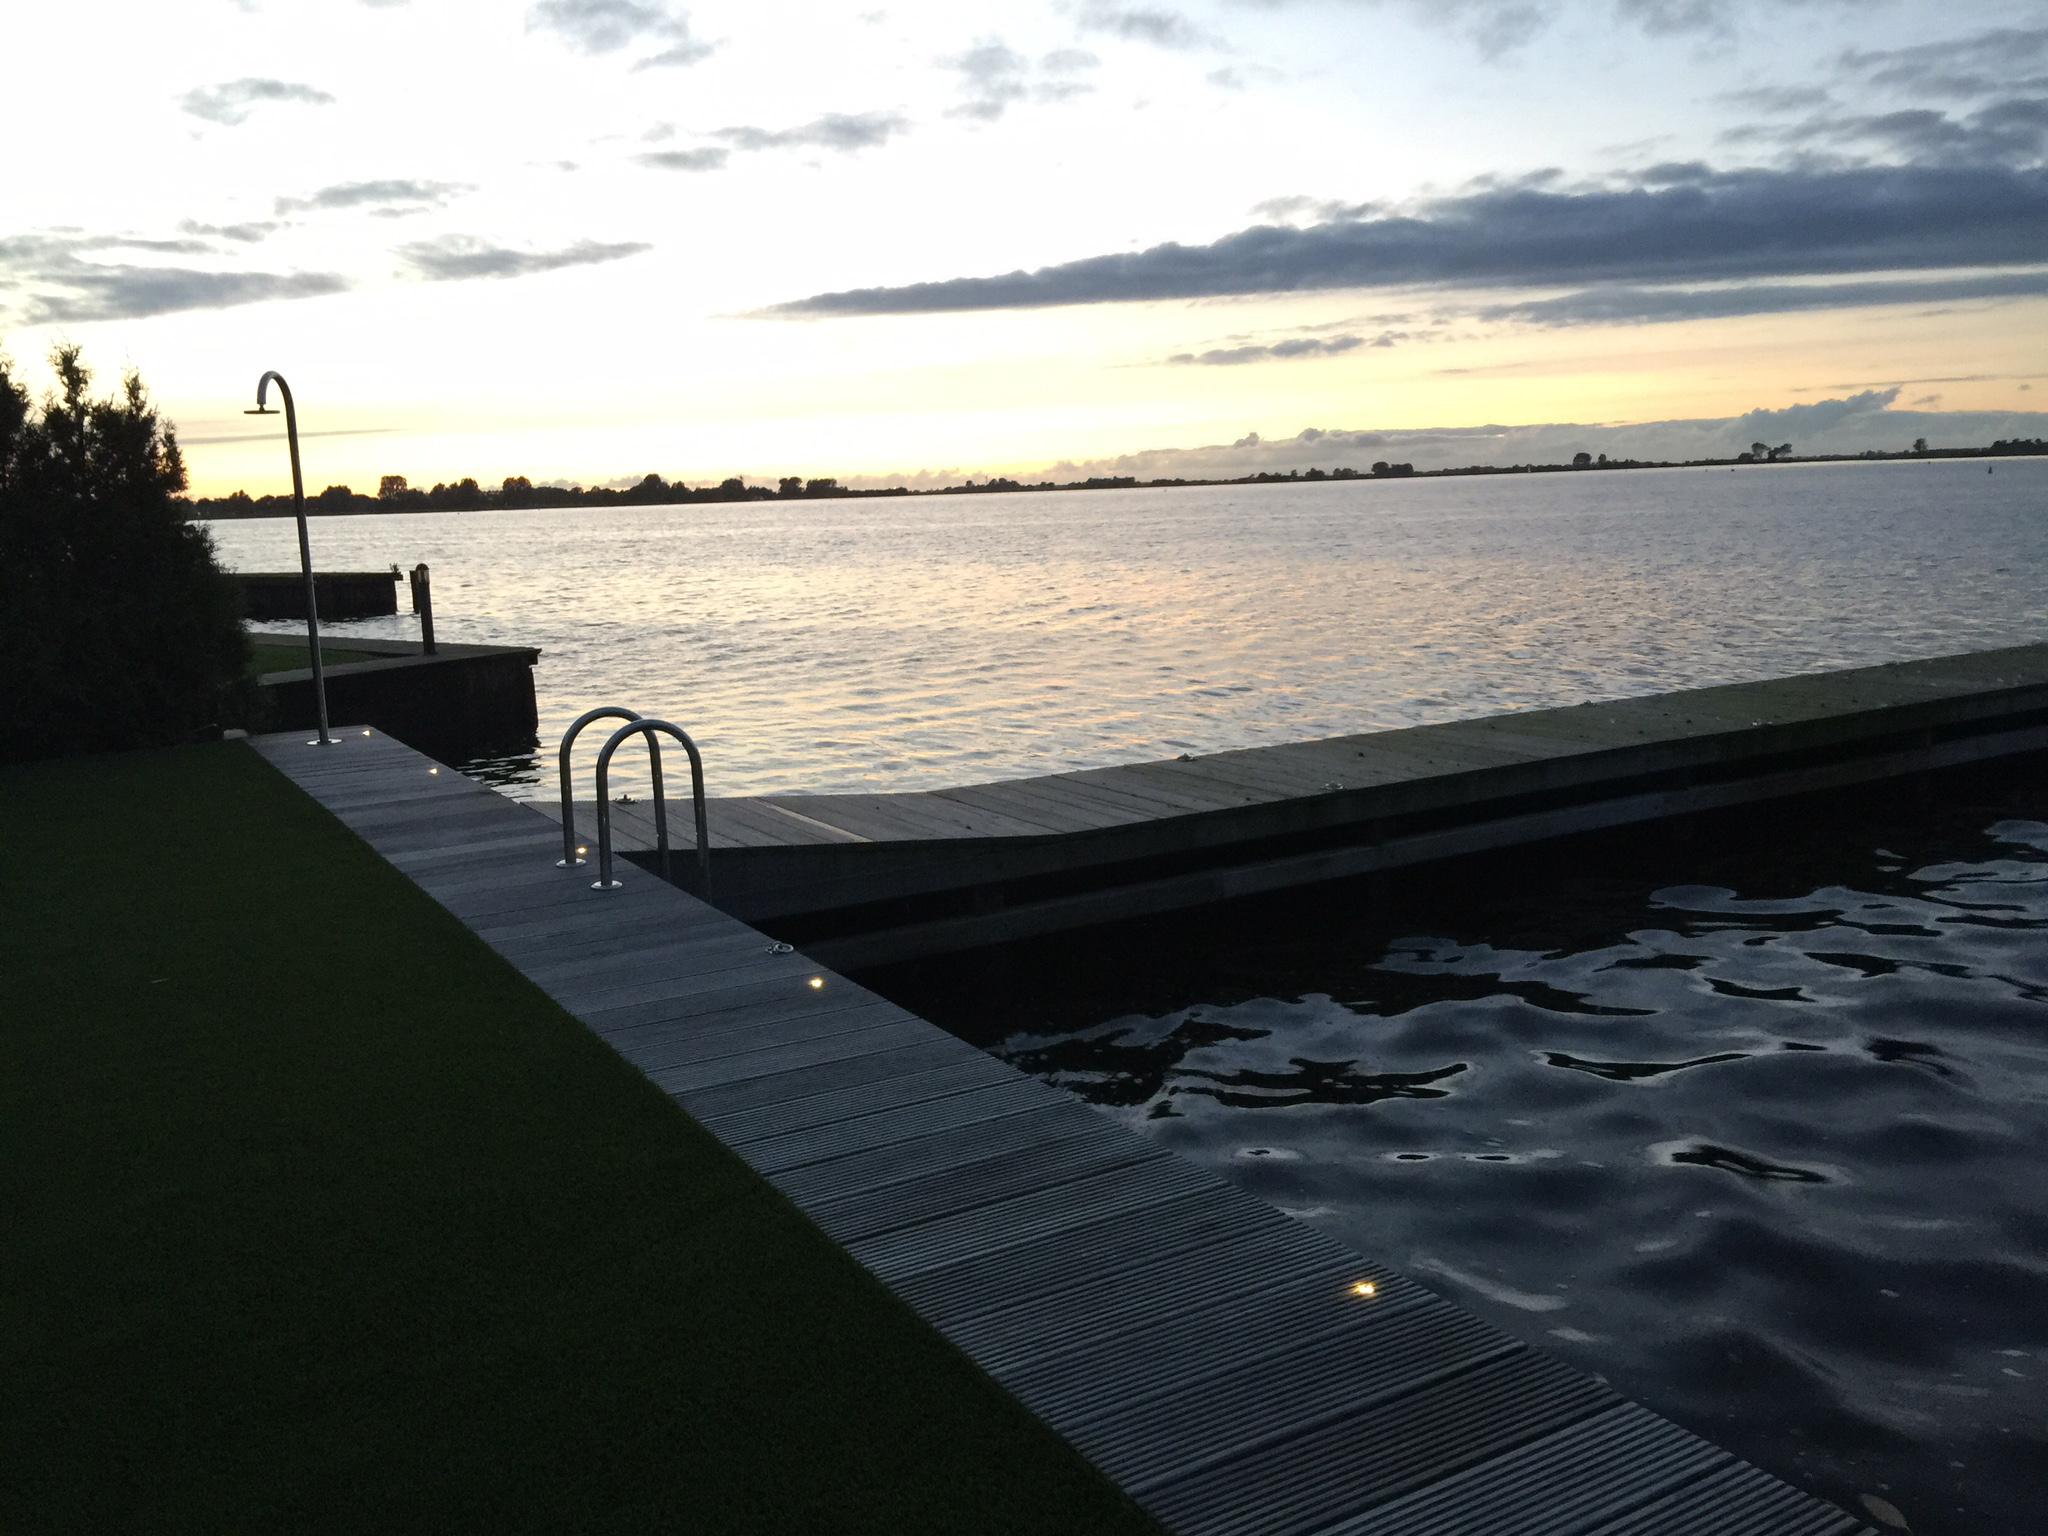 Vakantie woning Friesland steiger verlichting 8 - Paul Rattink ...